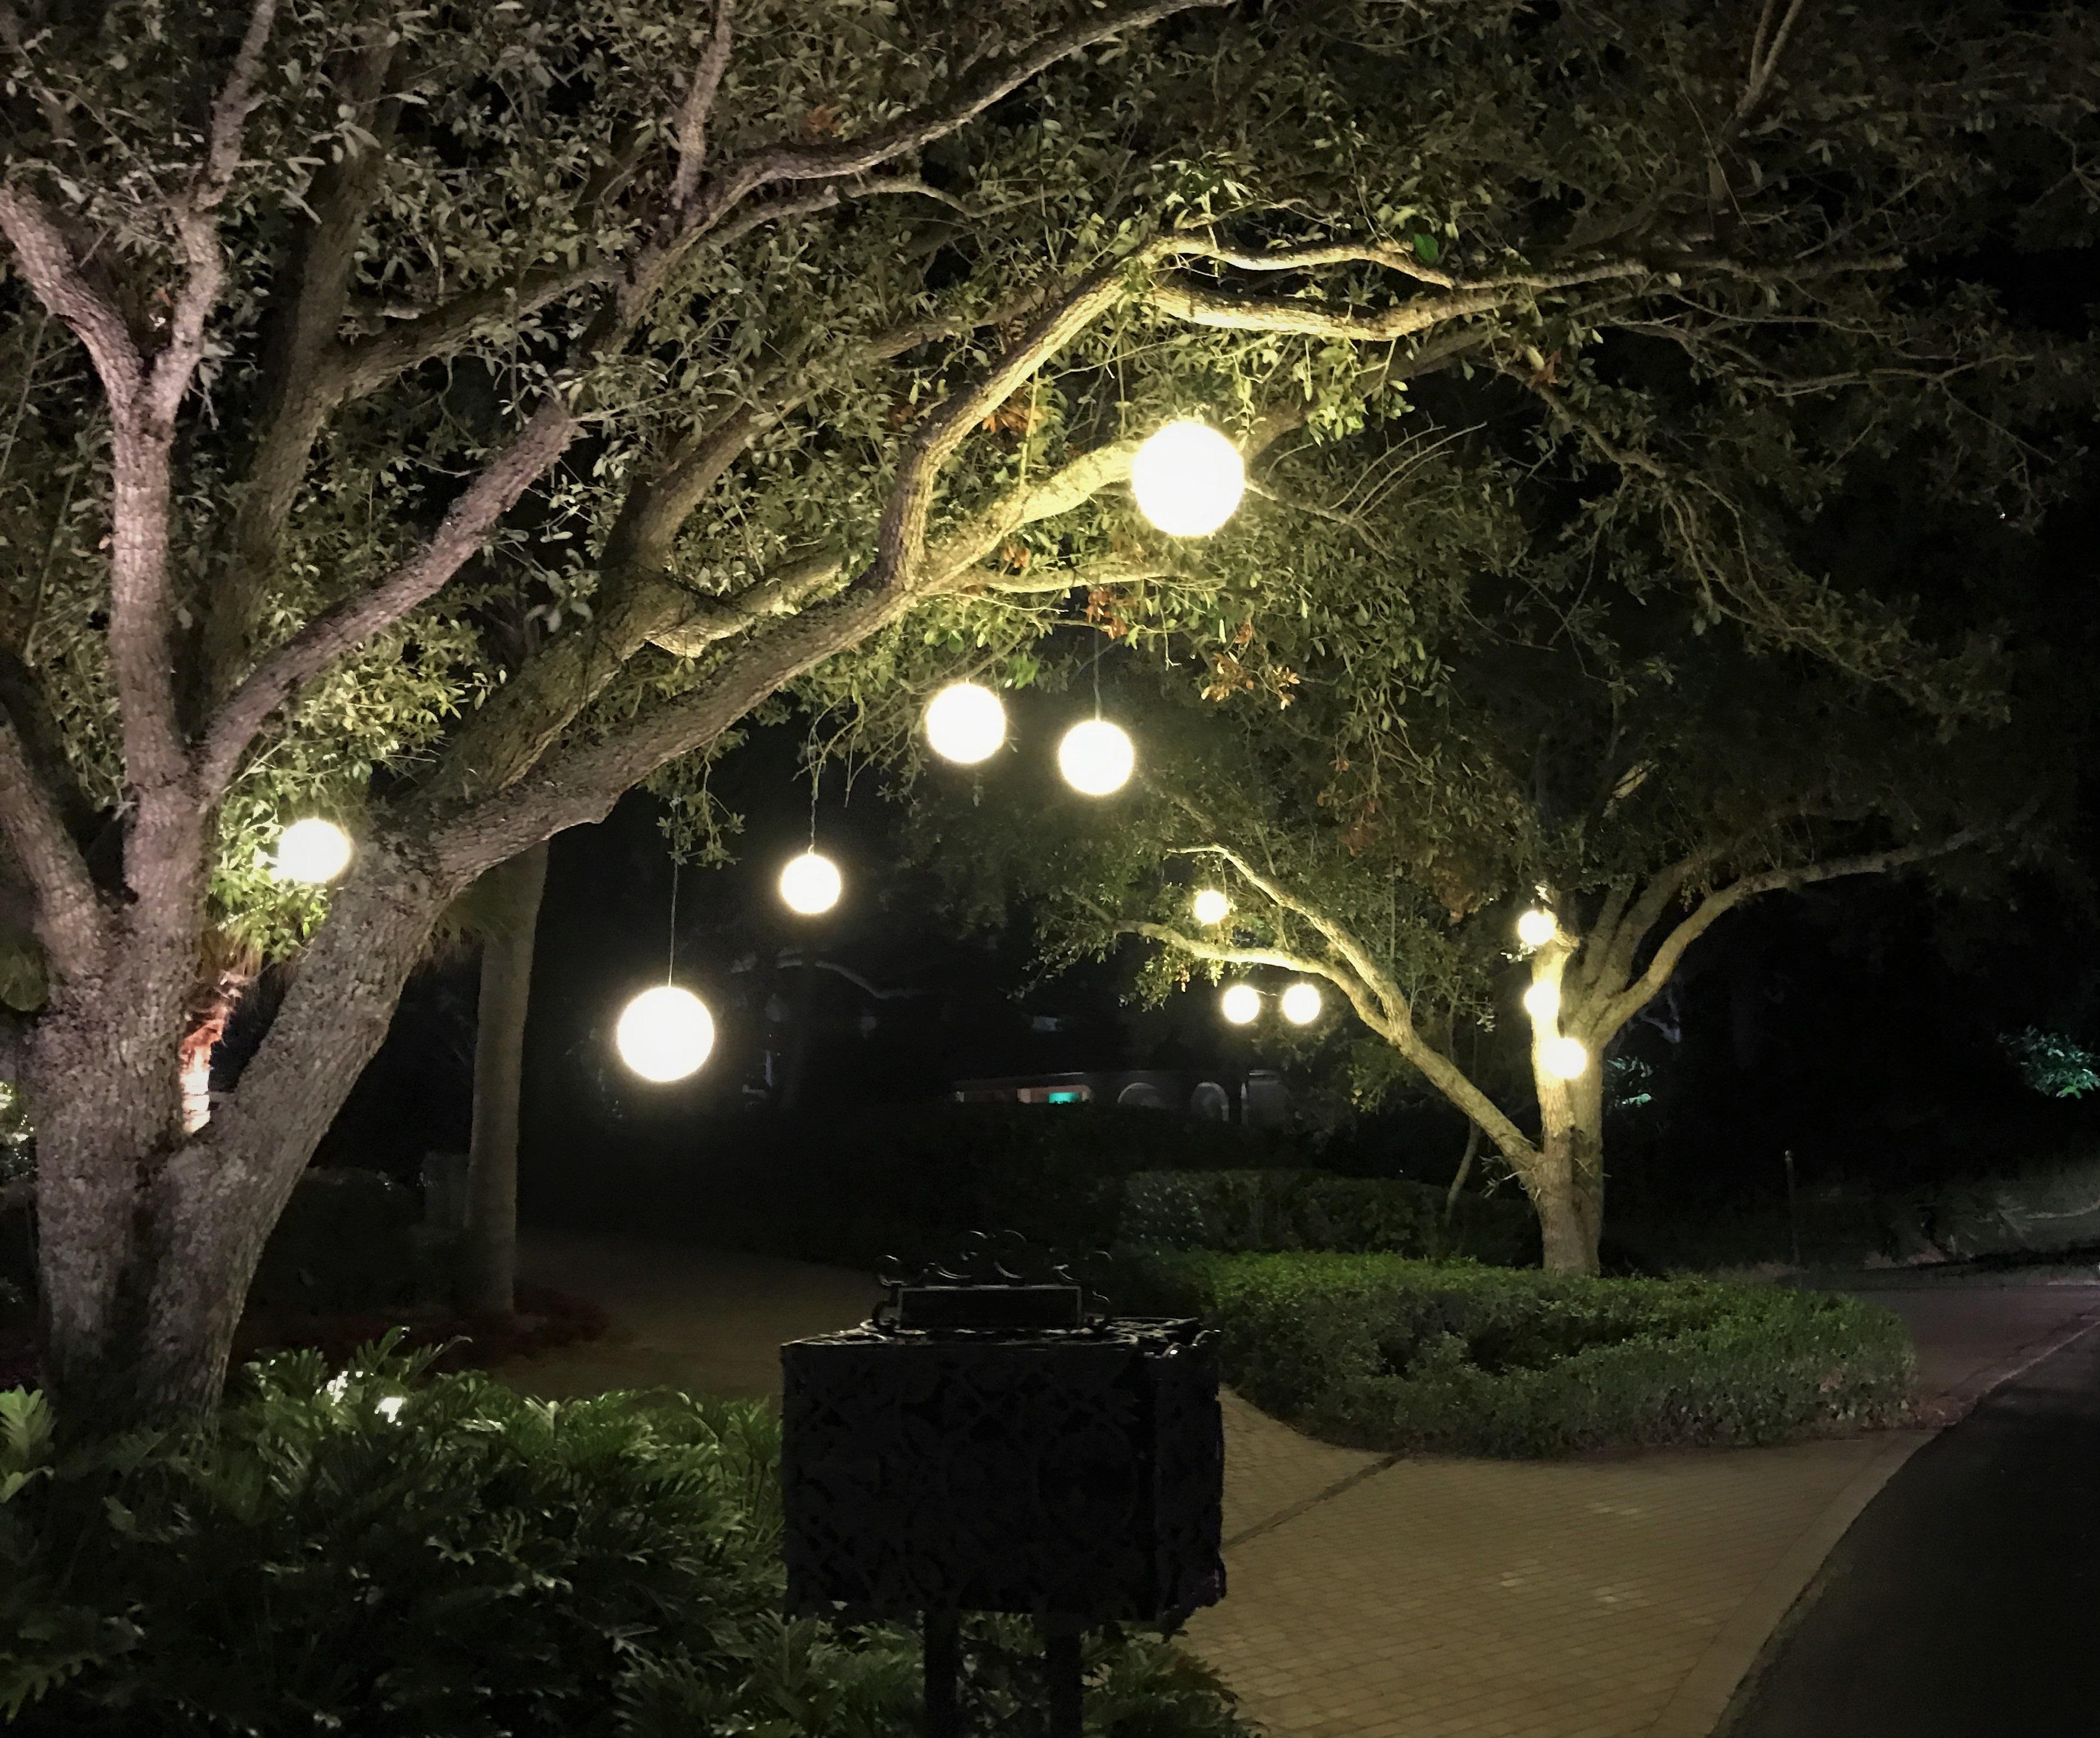 Hanging Orbs, Lanterns, Etc.